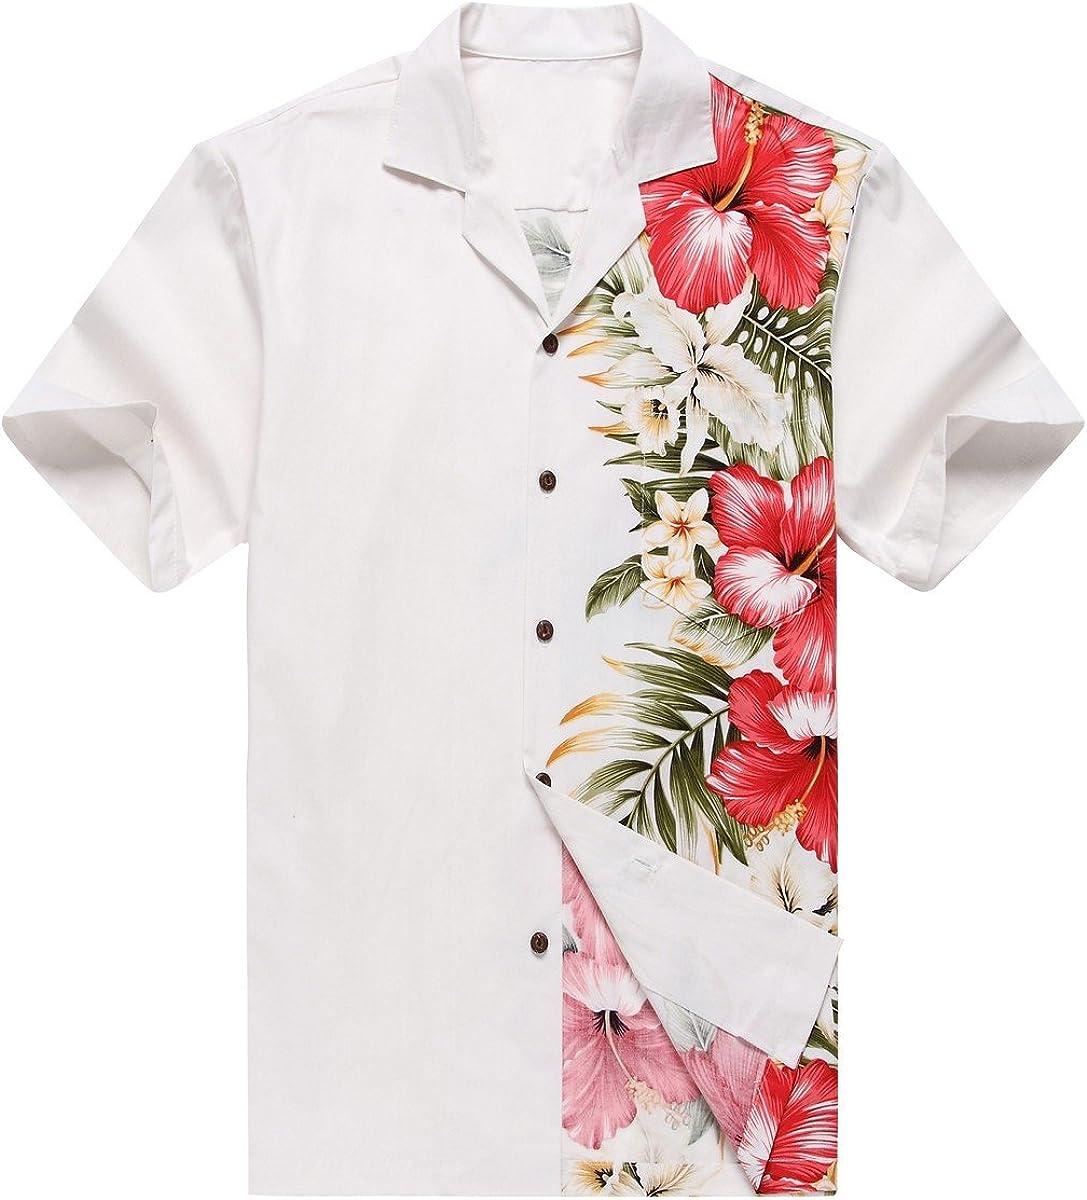 Hecho en Hawaii Camisa Hawaiana de los Hombres Camisa Hawaiana 3XL Orquídea Lateral Floral Blanco: Amazon.es: Ropa y accesorios